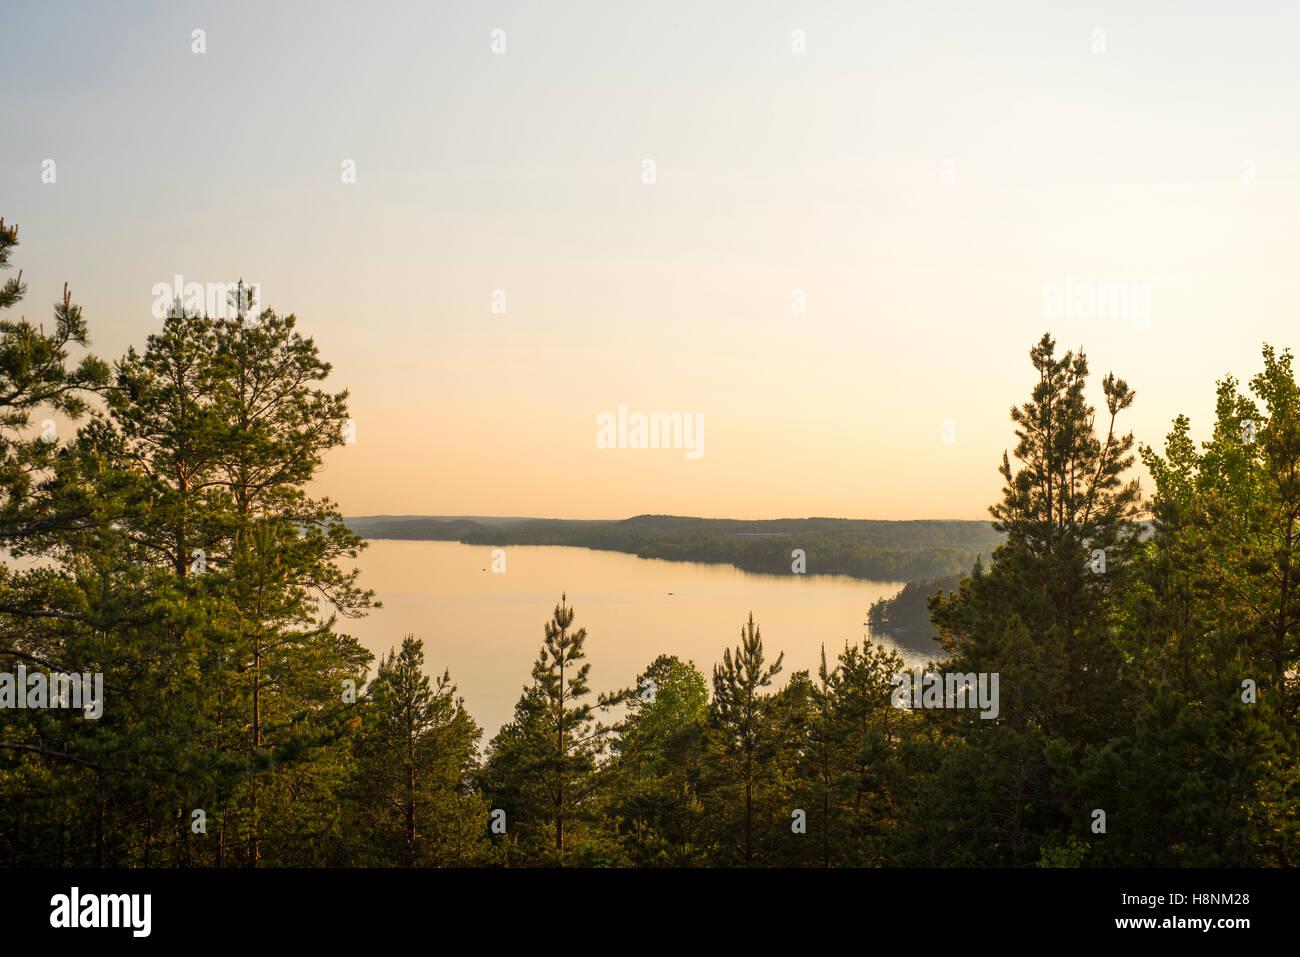 Lake at sunset - Stock Image